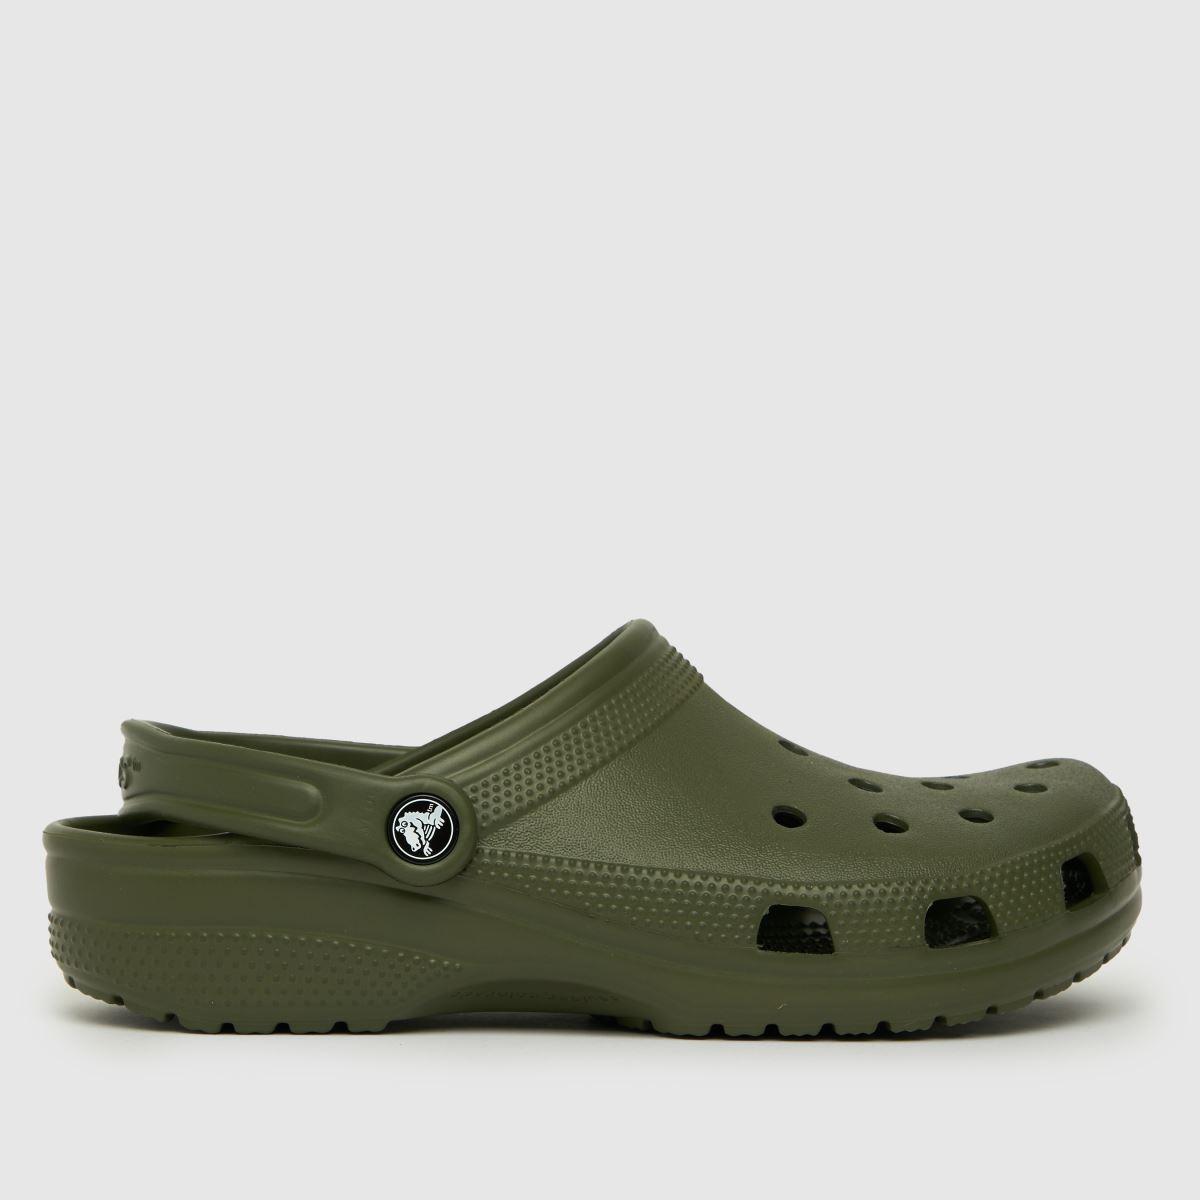 Crocs Dark Green Classic Clog Sandals